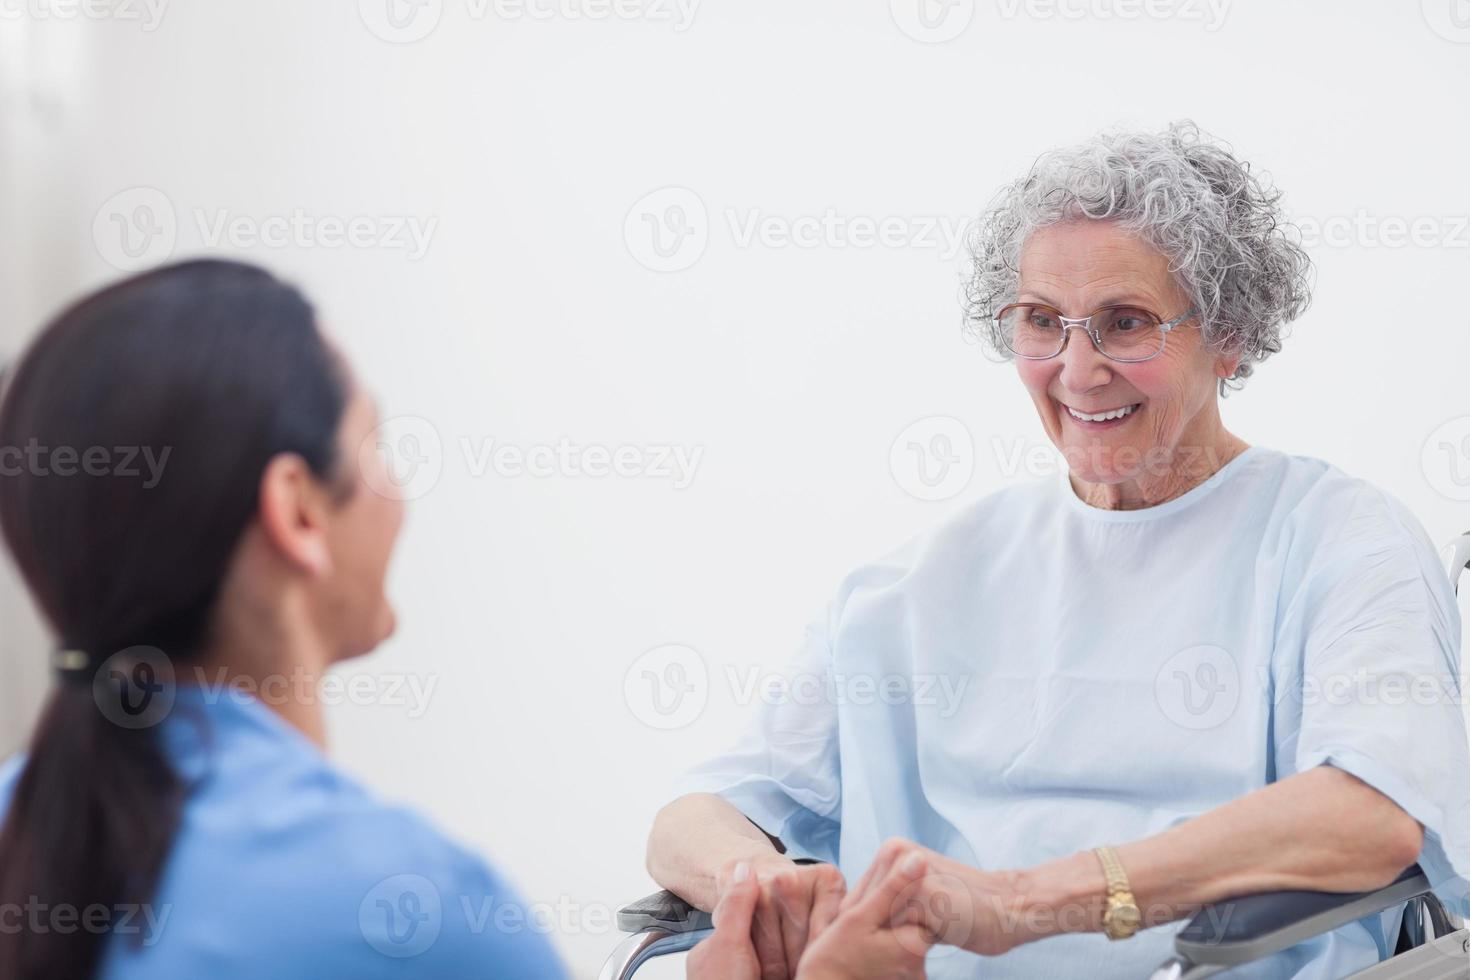 verpleegster hand in hand van een patiënt foto